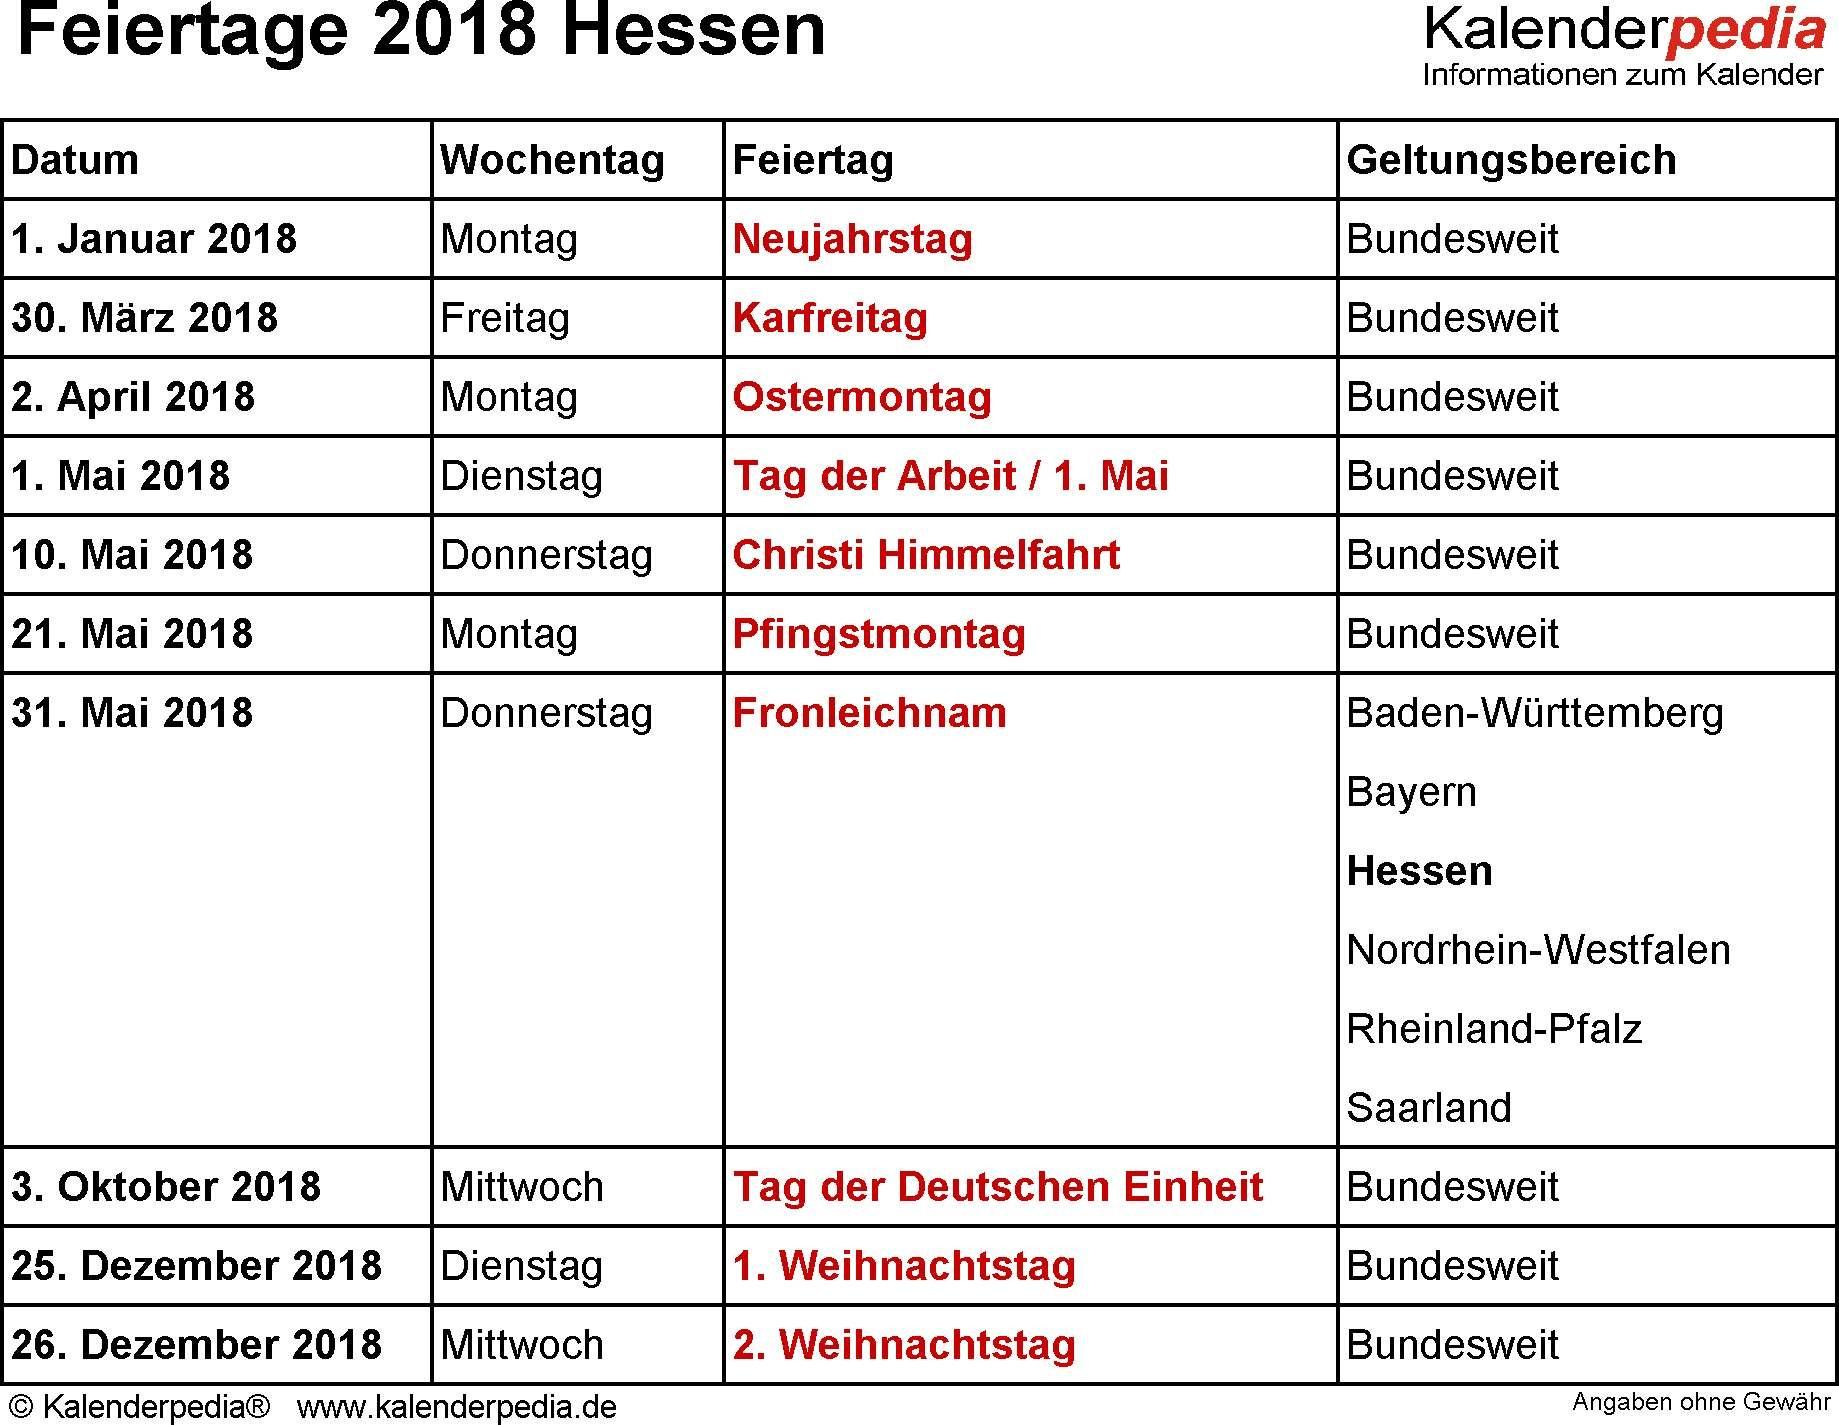 Feiertage Hessen 2018 2019 & 2020 Mit Druckvorlagen Schema Von Weihnachten Feiertage 25 Schön Weihnachten